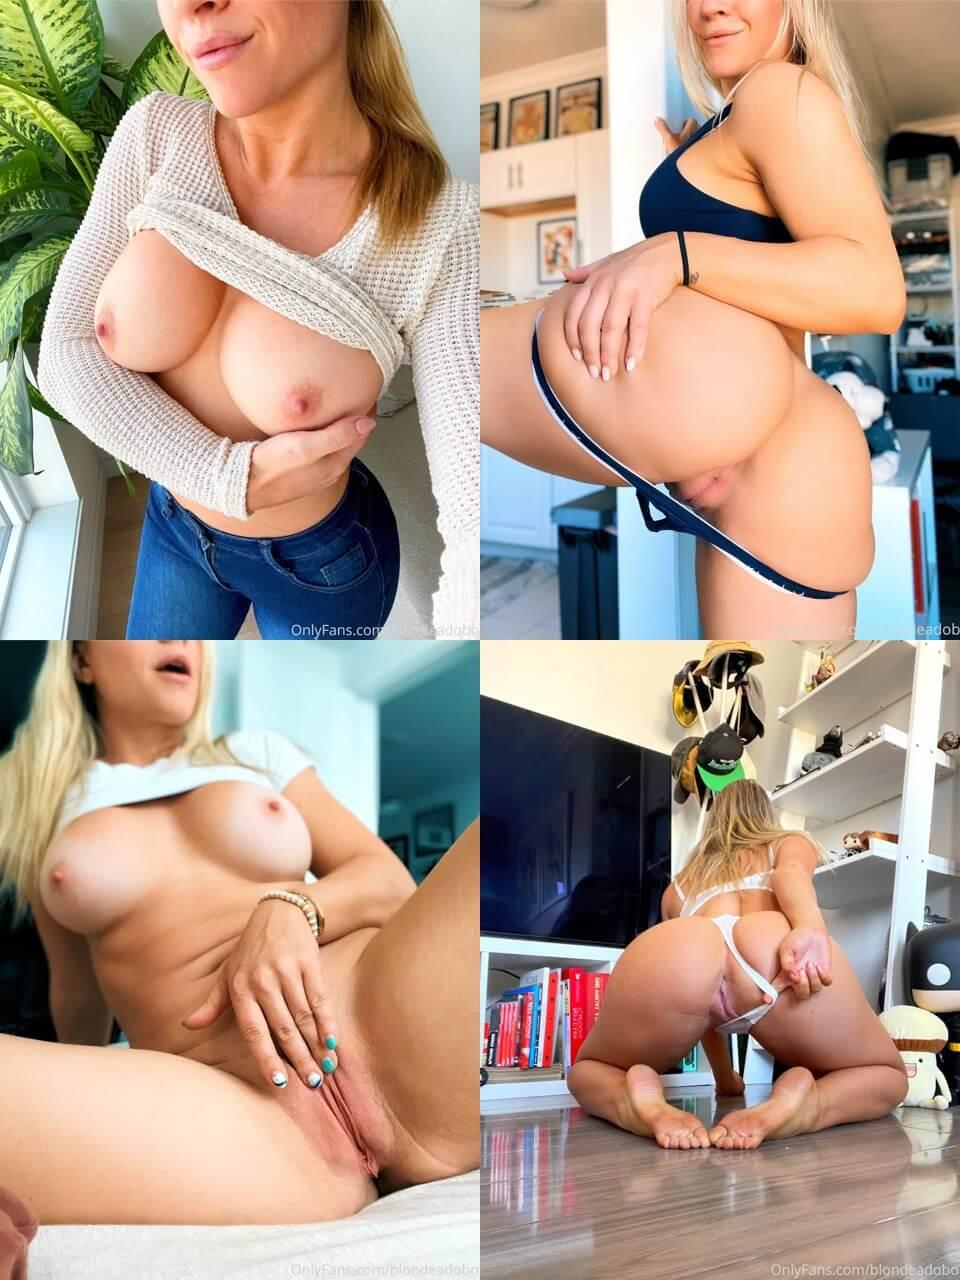 BlondeAdobo OnlyFans